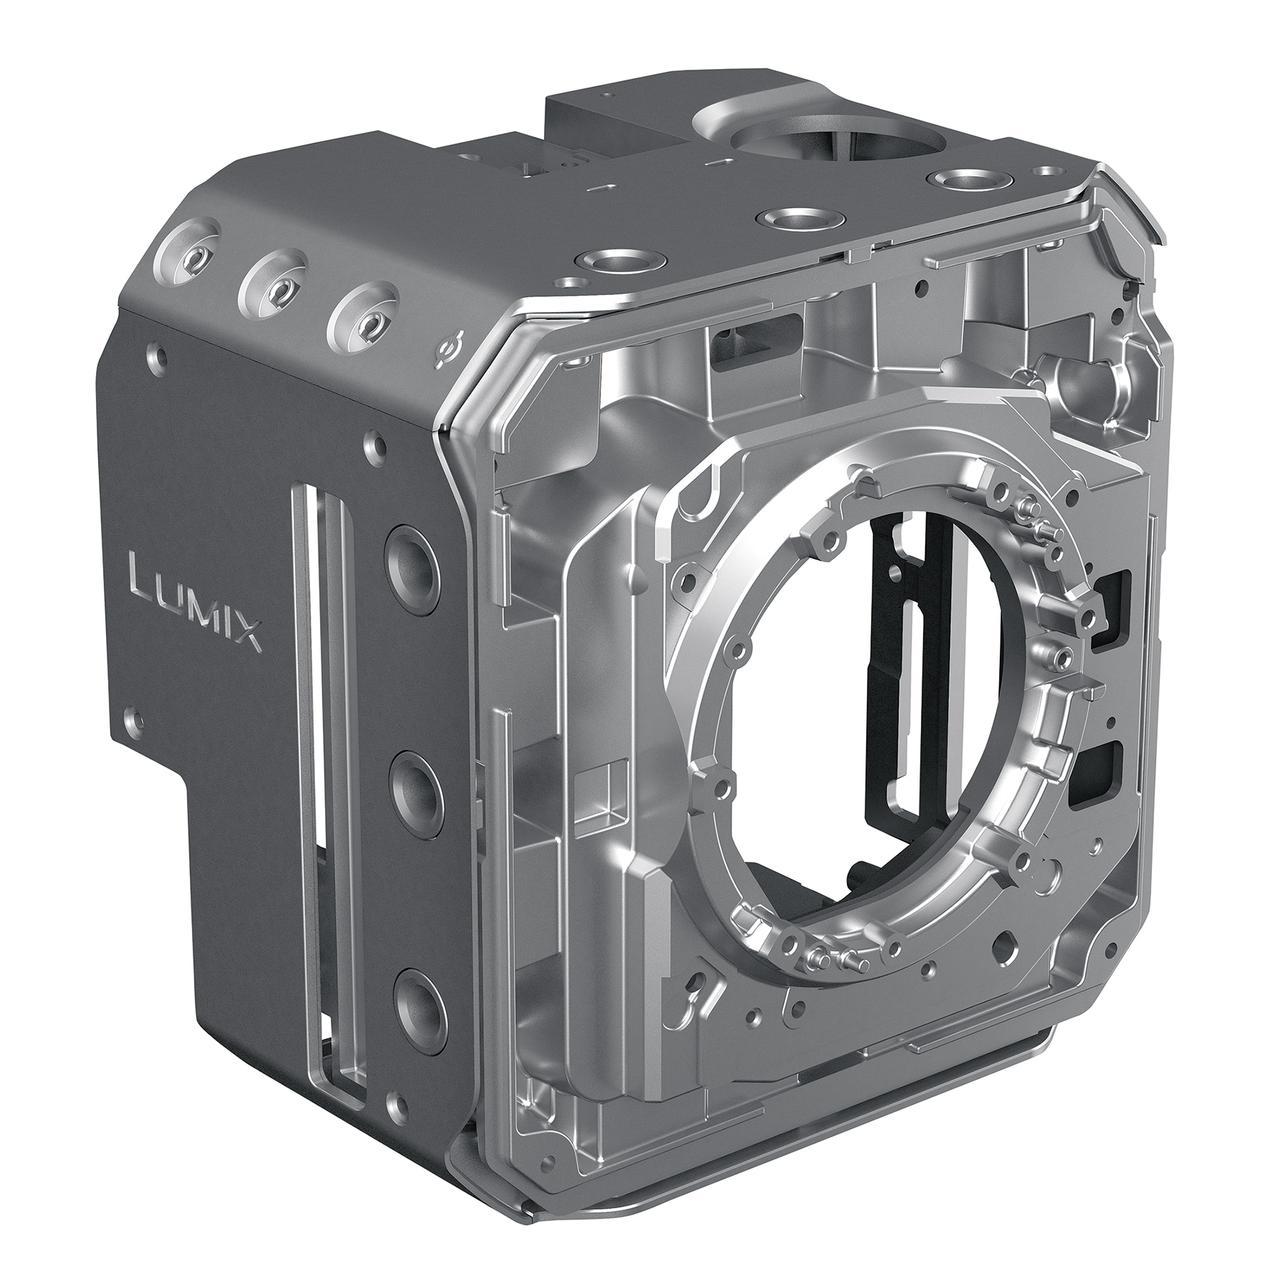 画像: ▲ボディは「録画時間無制限」を実現するために同社の「熱によるフリーズ」を回避するための「放熱設計」がなされている。